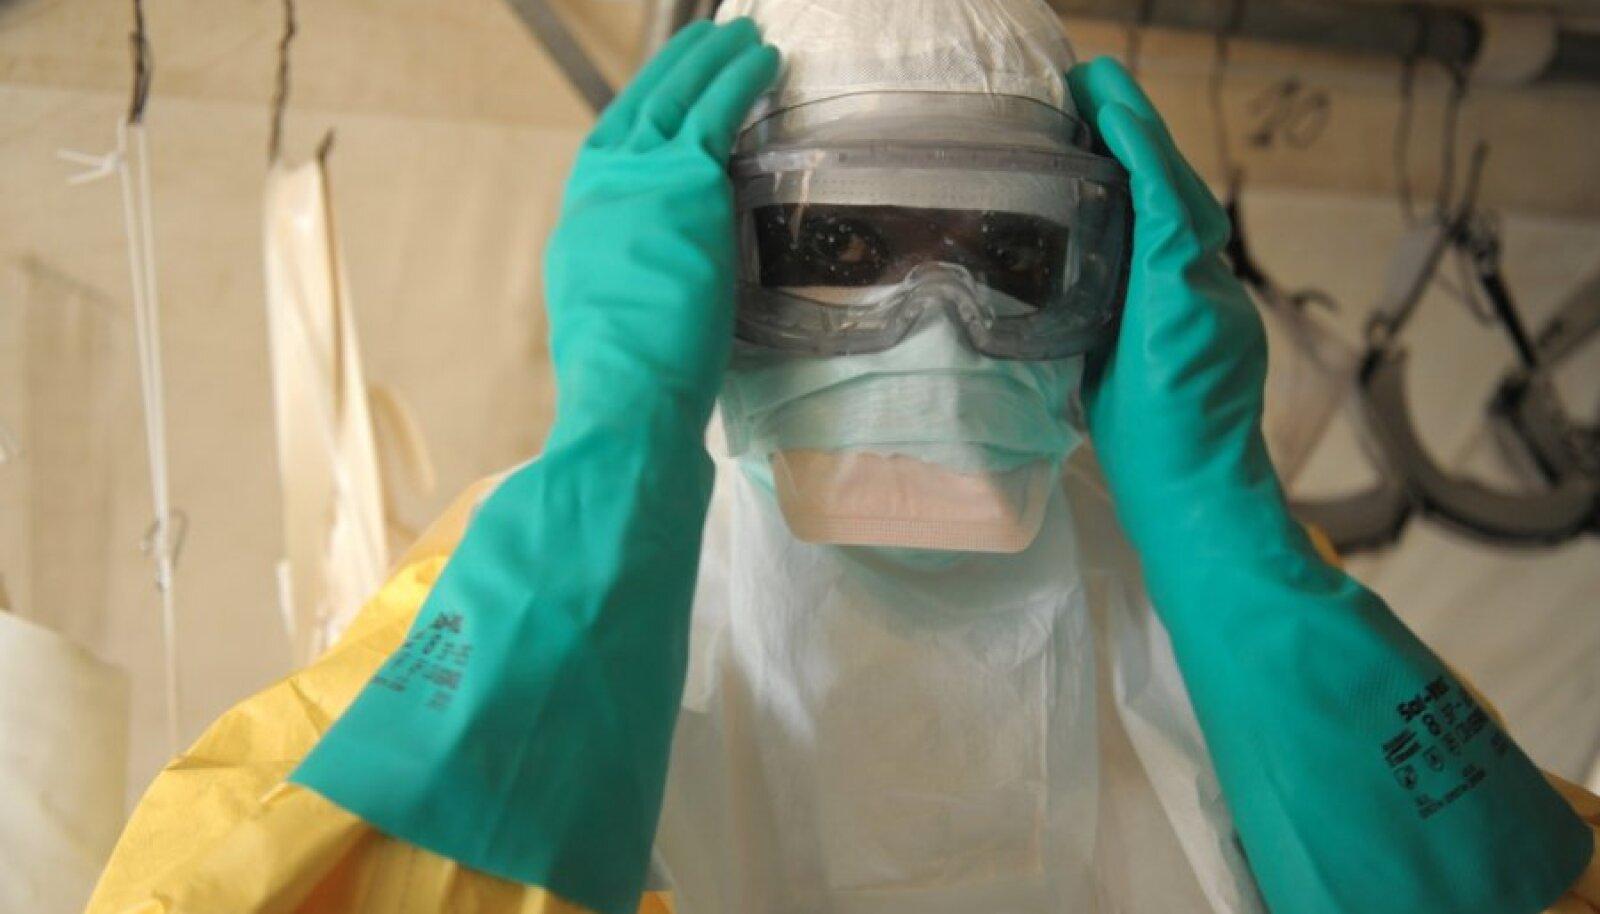 Ebola, Guinea